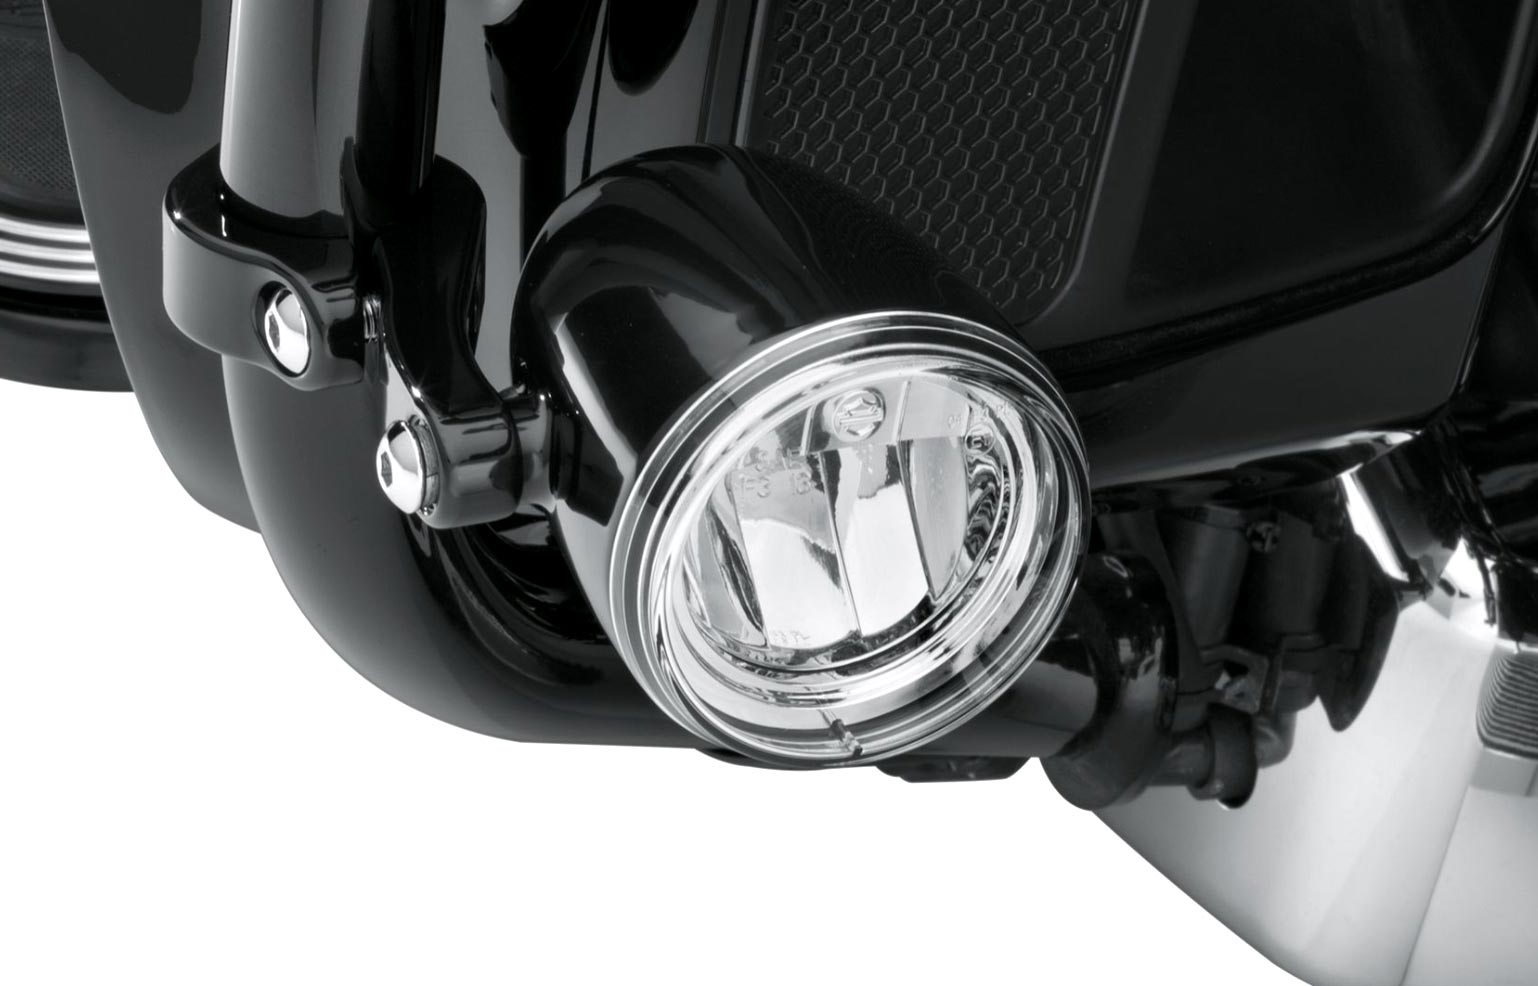 68000092 Daymaker Reflector LED Nebelscheinwerfer schwarz im ...